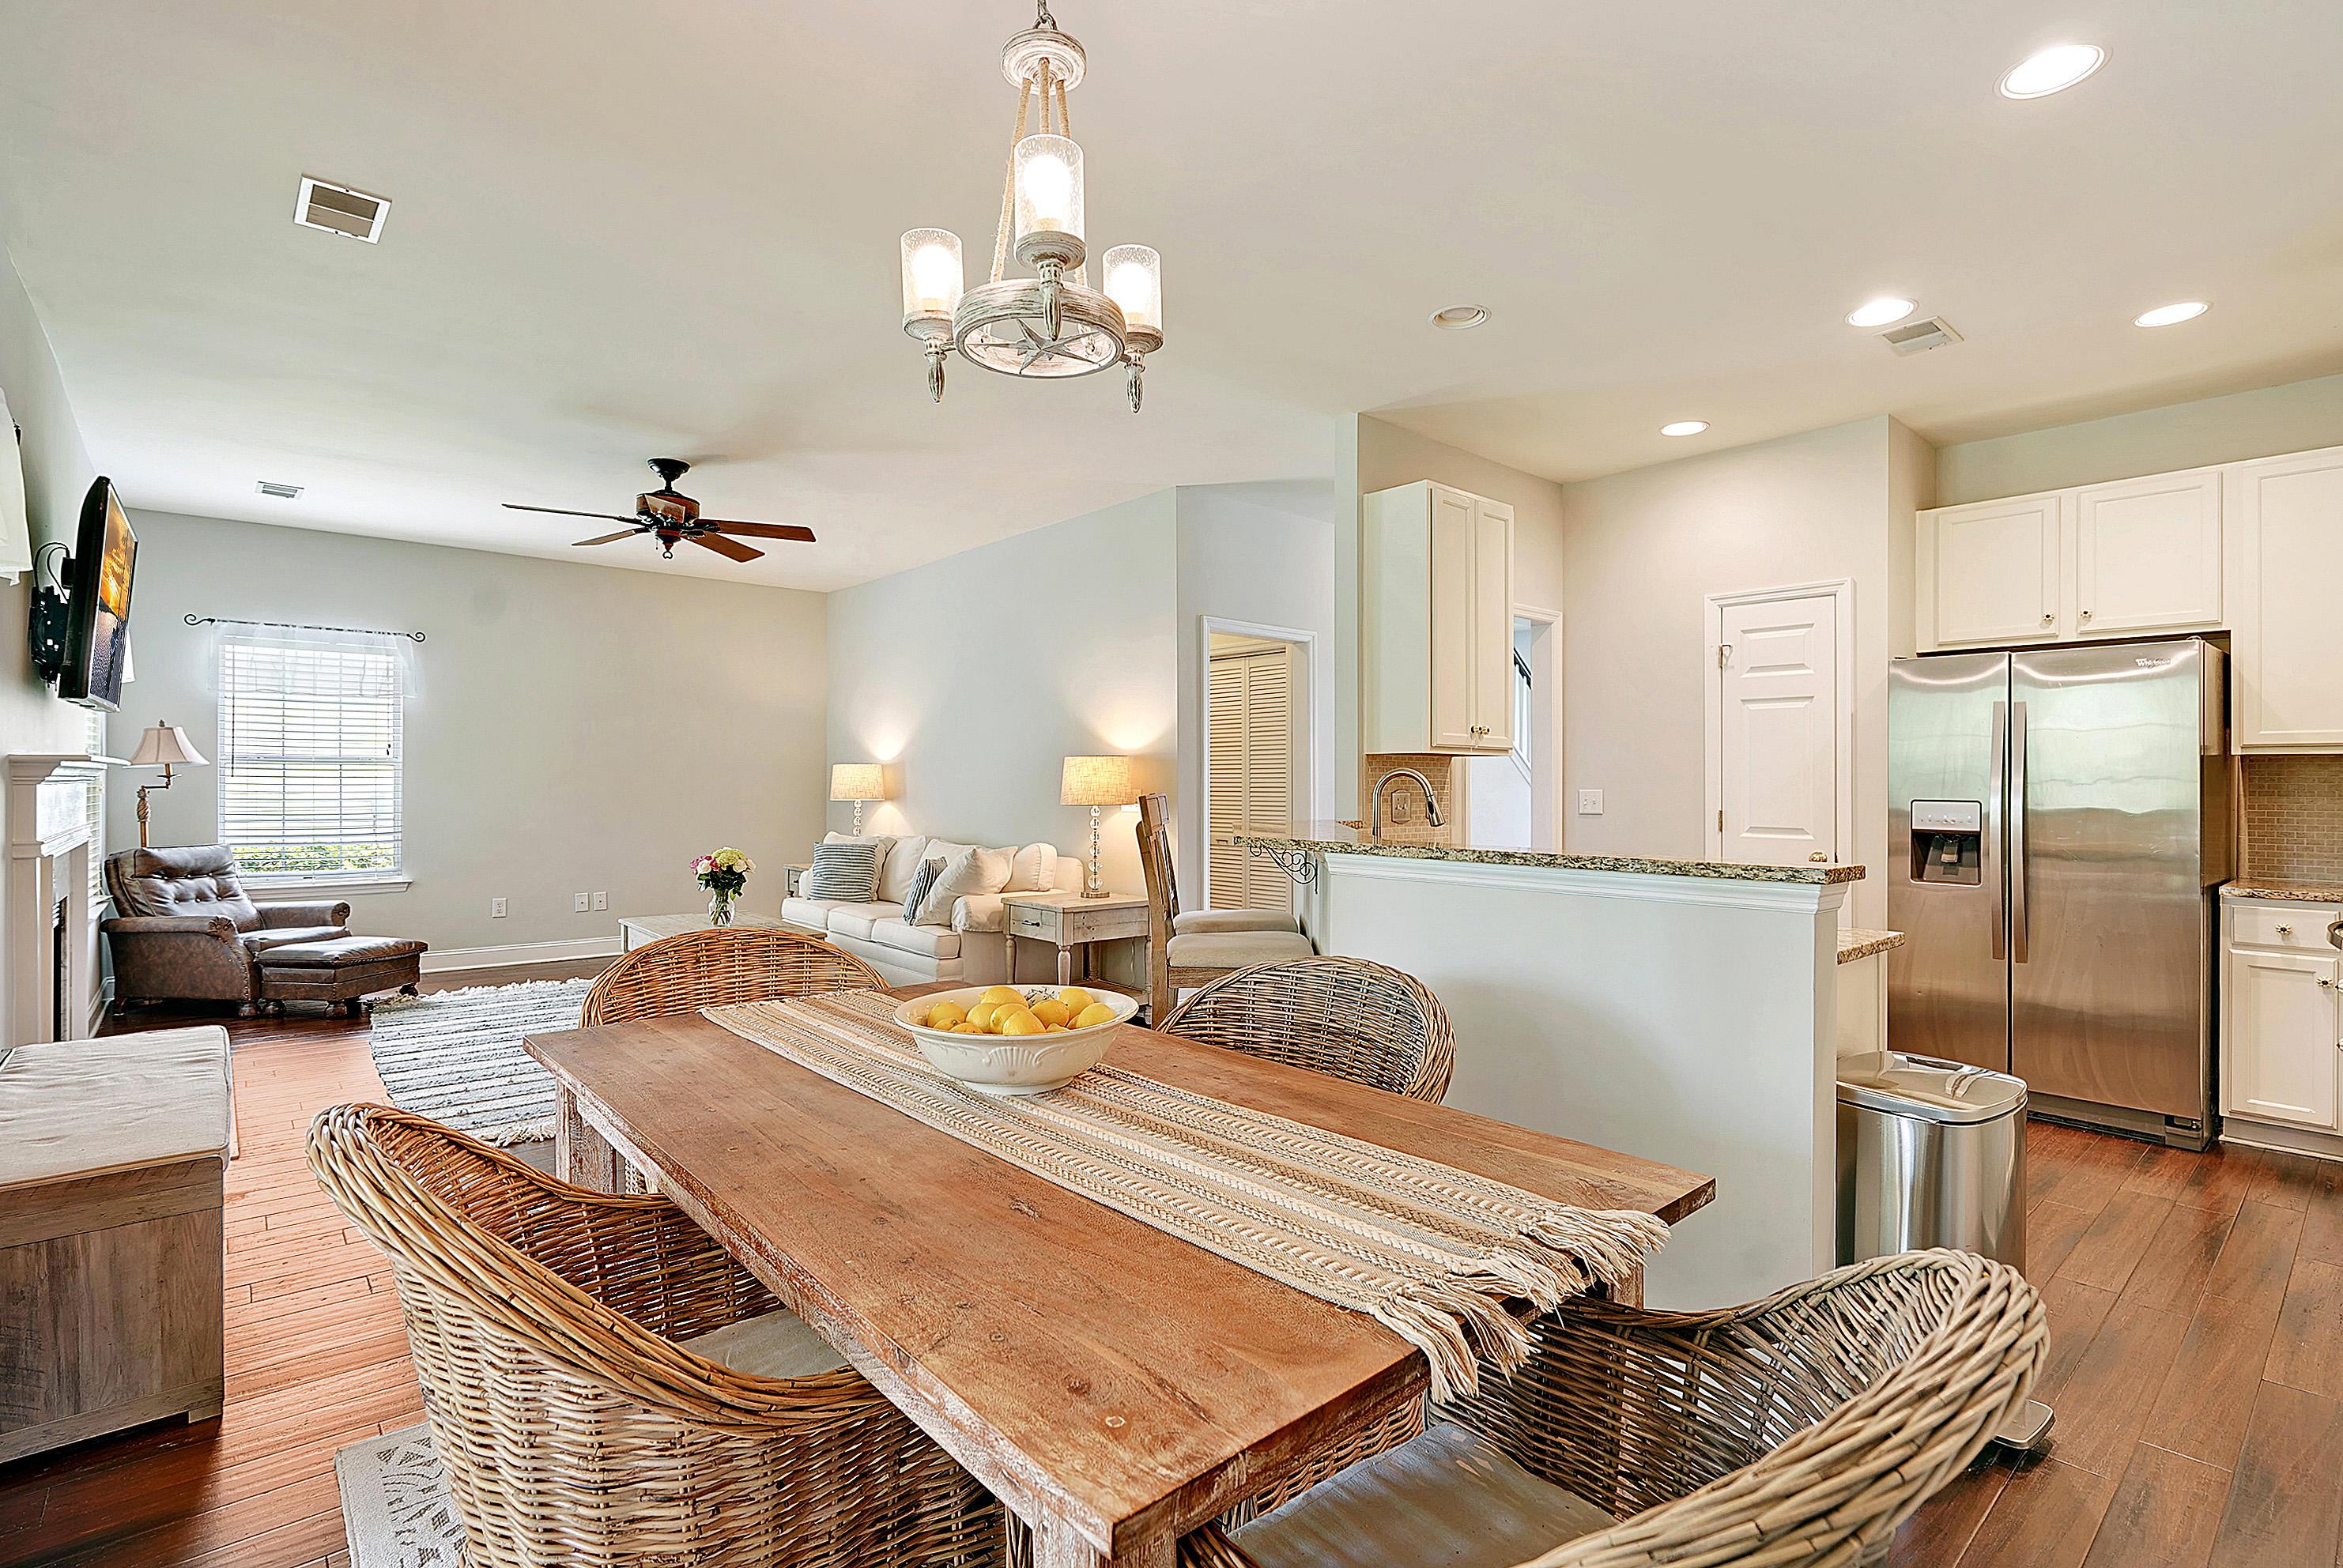 Park West Homes For Sale - 2391 Parsonage Woods, Mount Pleasant, SC - 29